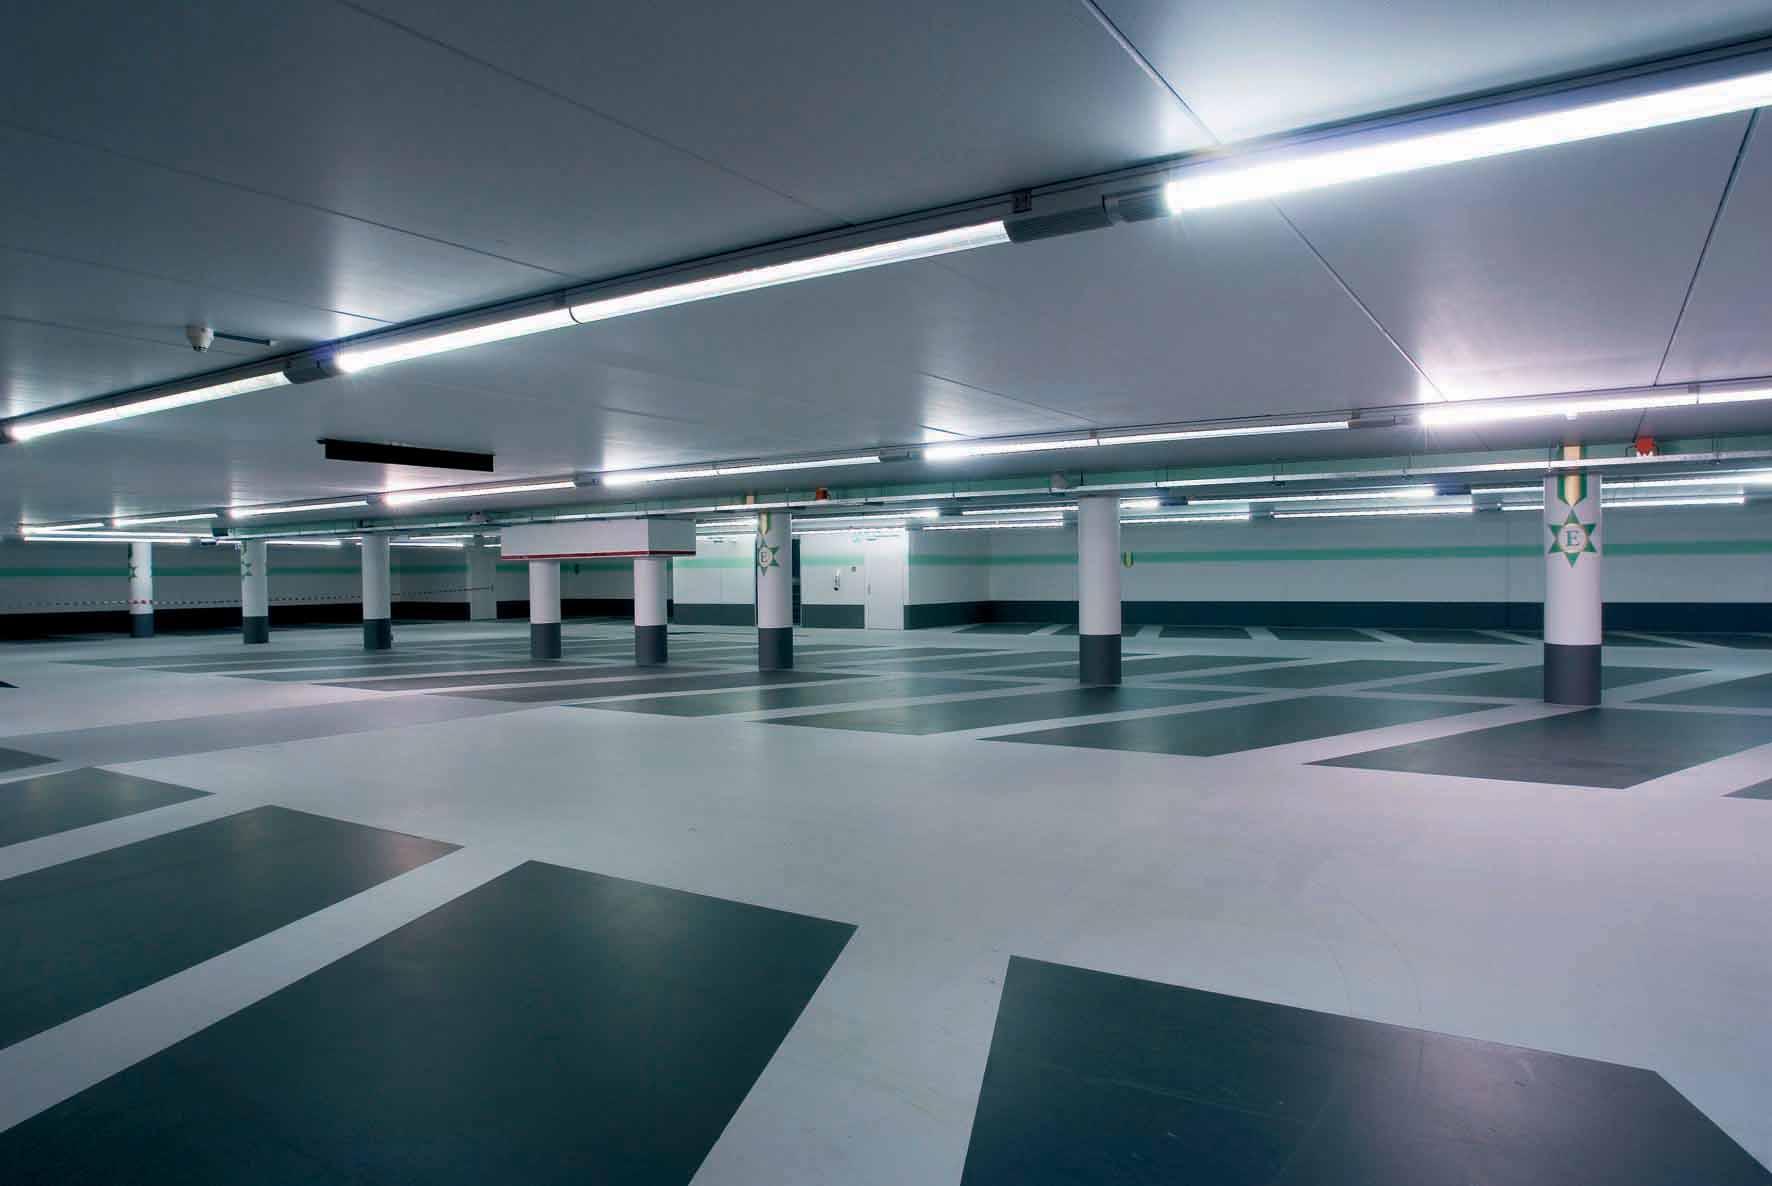 Trouvez facilement une location parking paris via smartphone